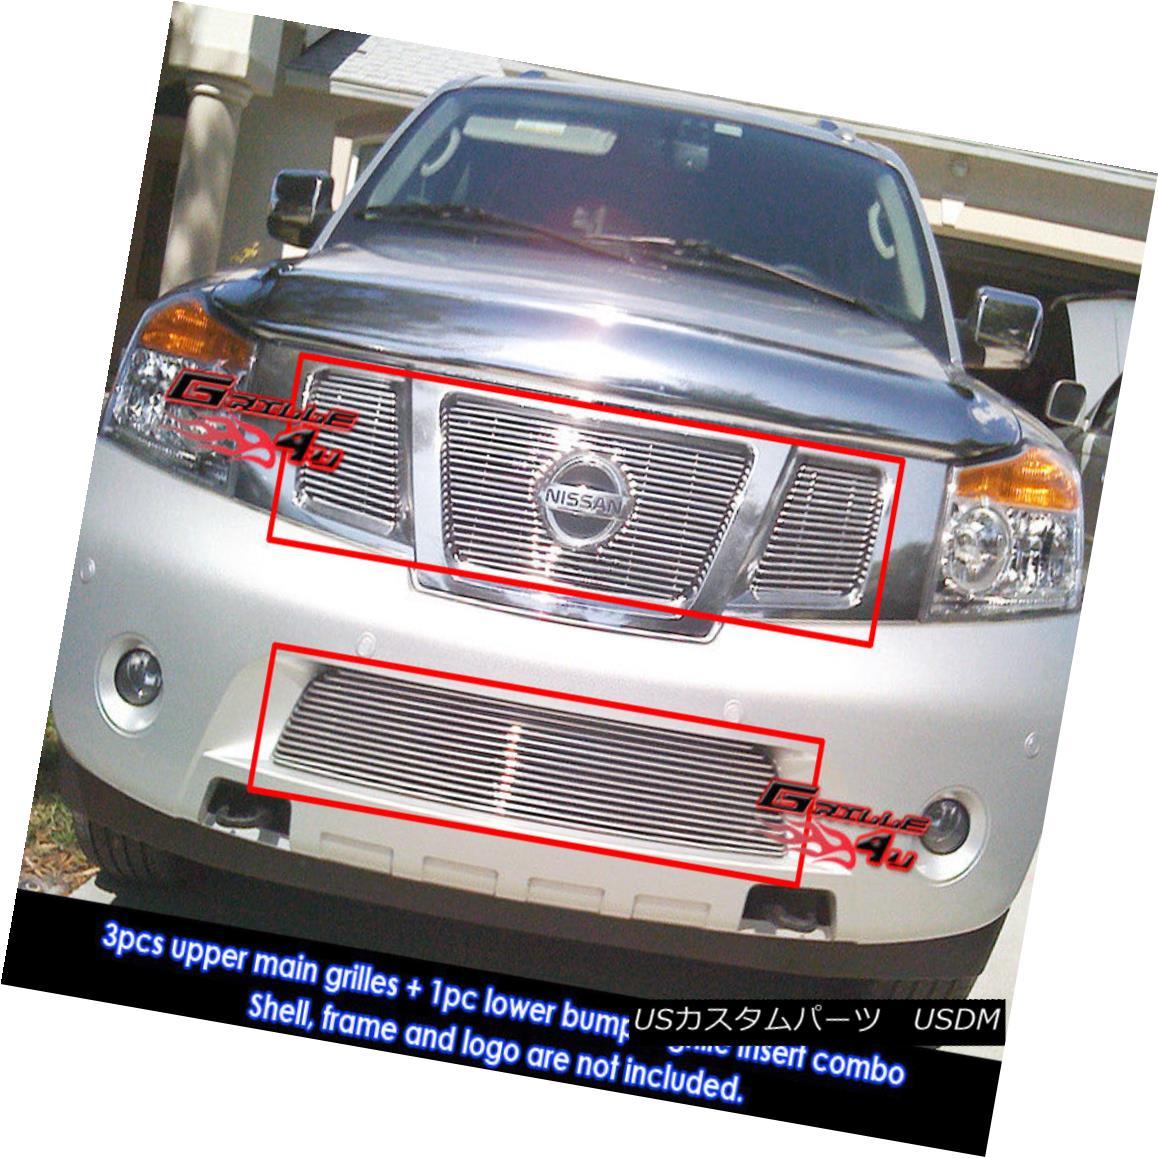 グリル Fits 2008-2014 Nissan Armada Billet Grille Grill Insert With Logo Show Combo フィット2008-2014日産アルマダビレットグリルグリルインサートロゴショーコンボ